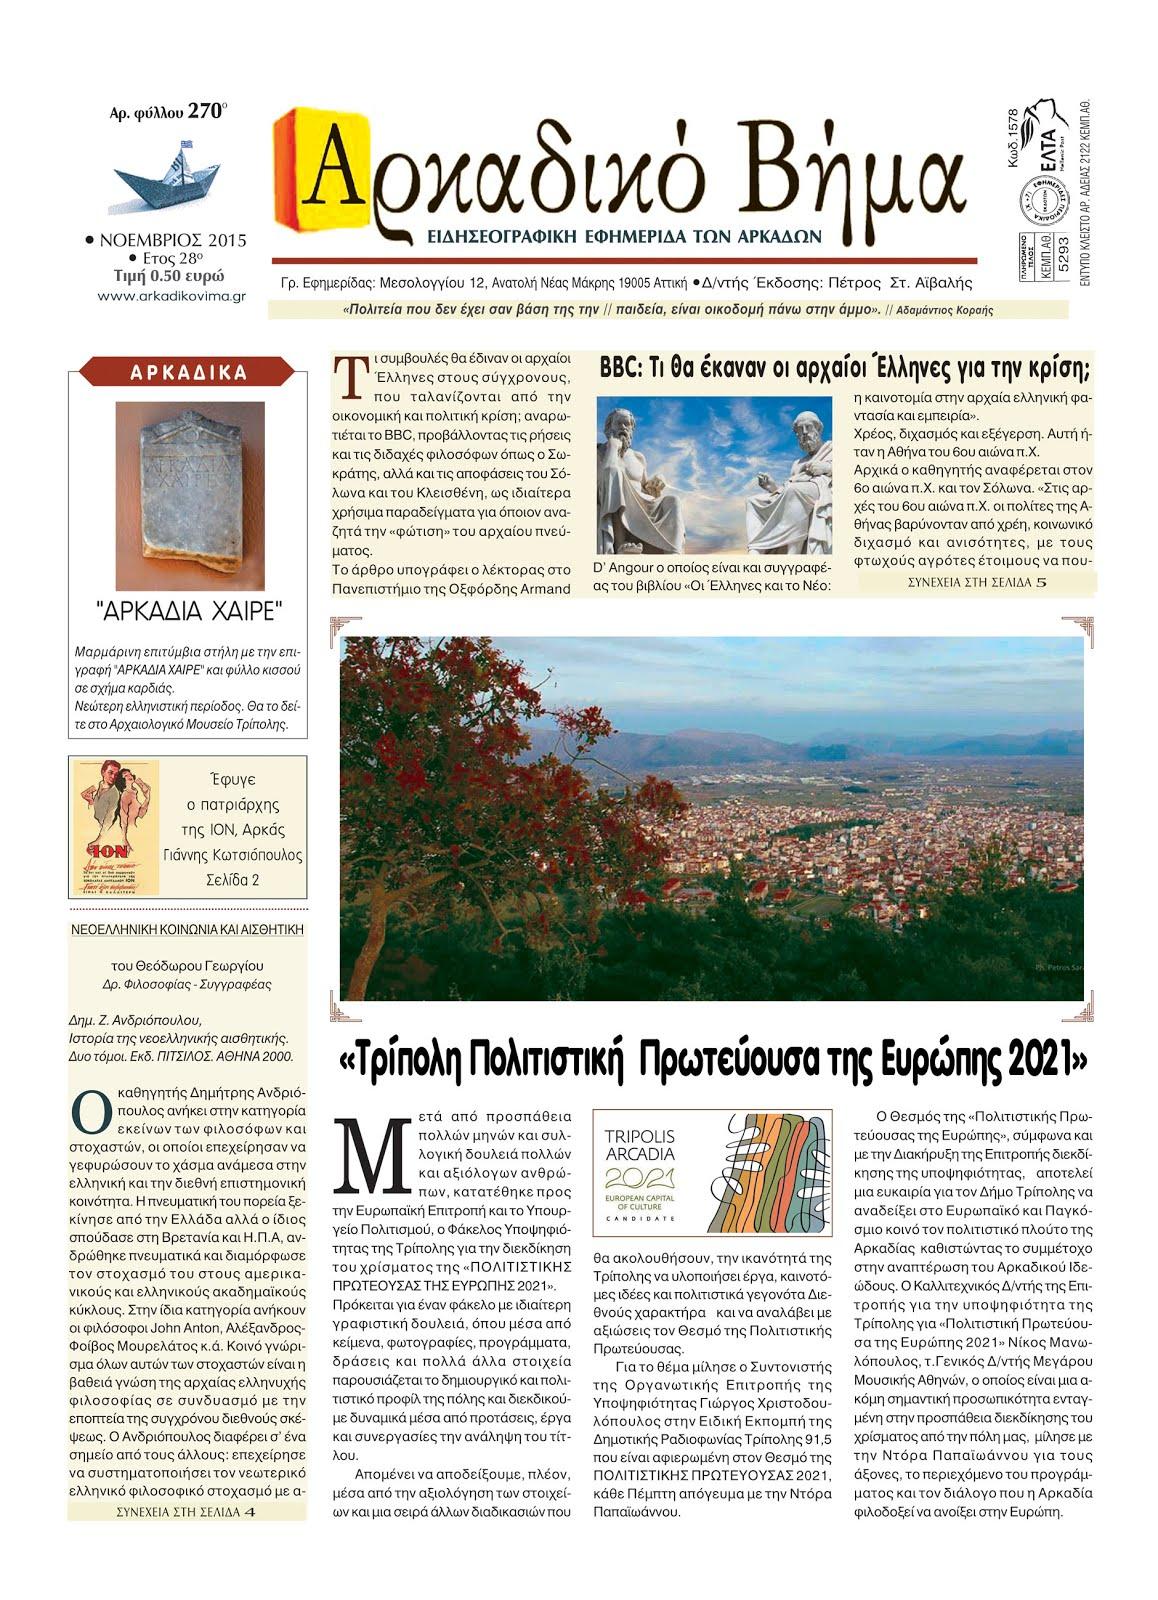 """ΑΡΚΑΔΙΚΟ ΒΗΜΑ κυκλοφόρησε με πρωτοσέλιδο: """"Τρίπολη Πολιτιστική Πρωτεύουσα της Ευρώπης το 2021"""""""